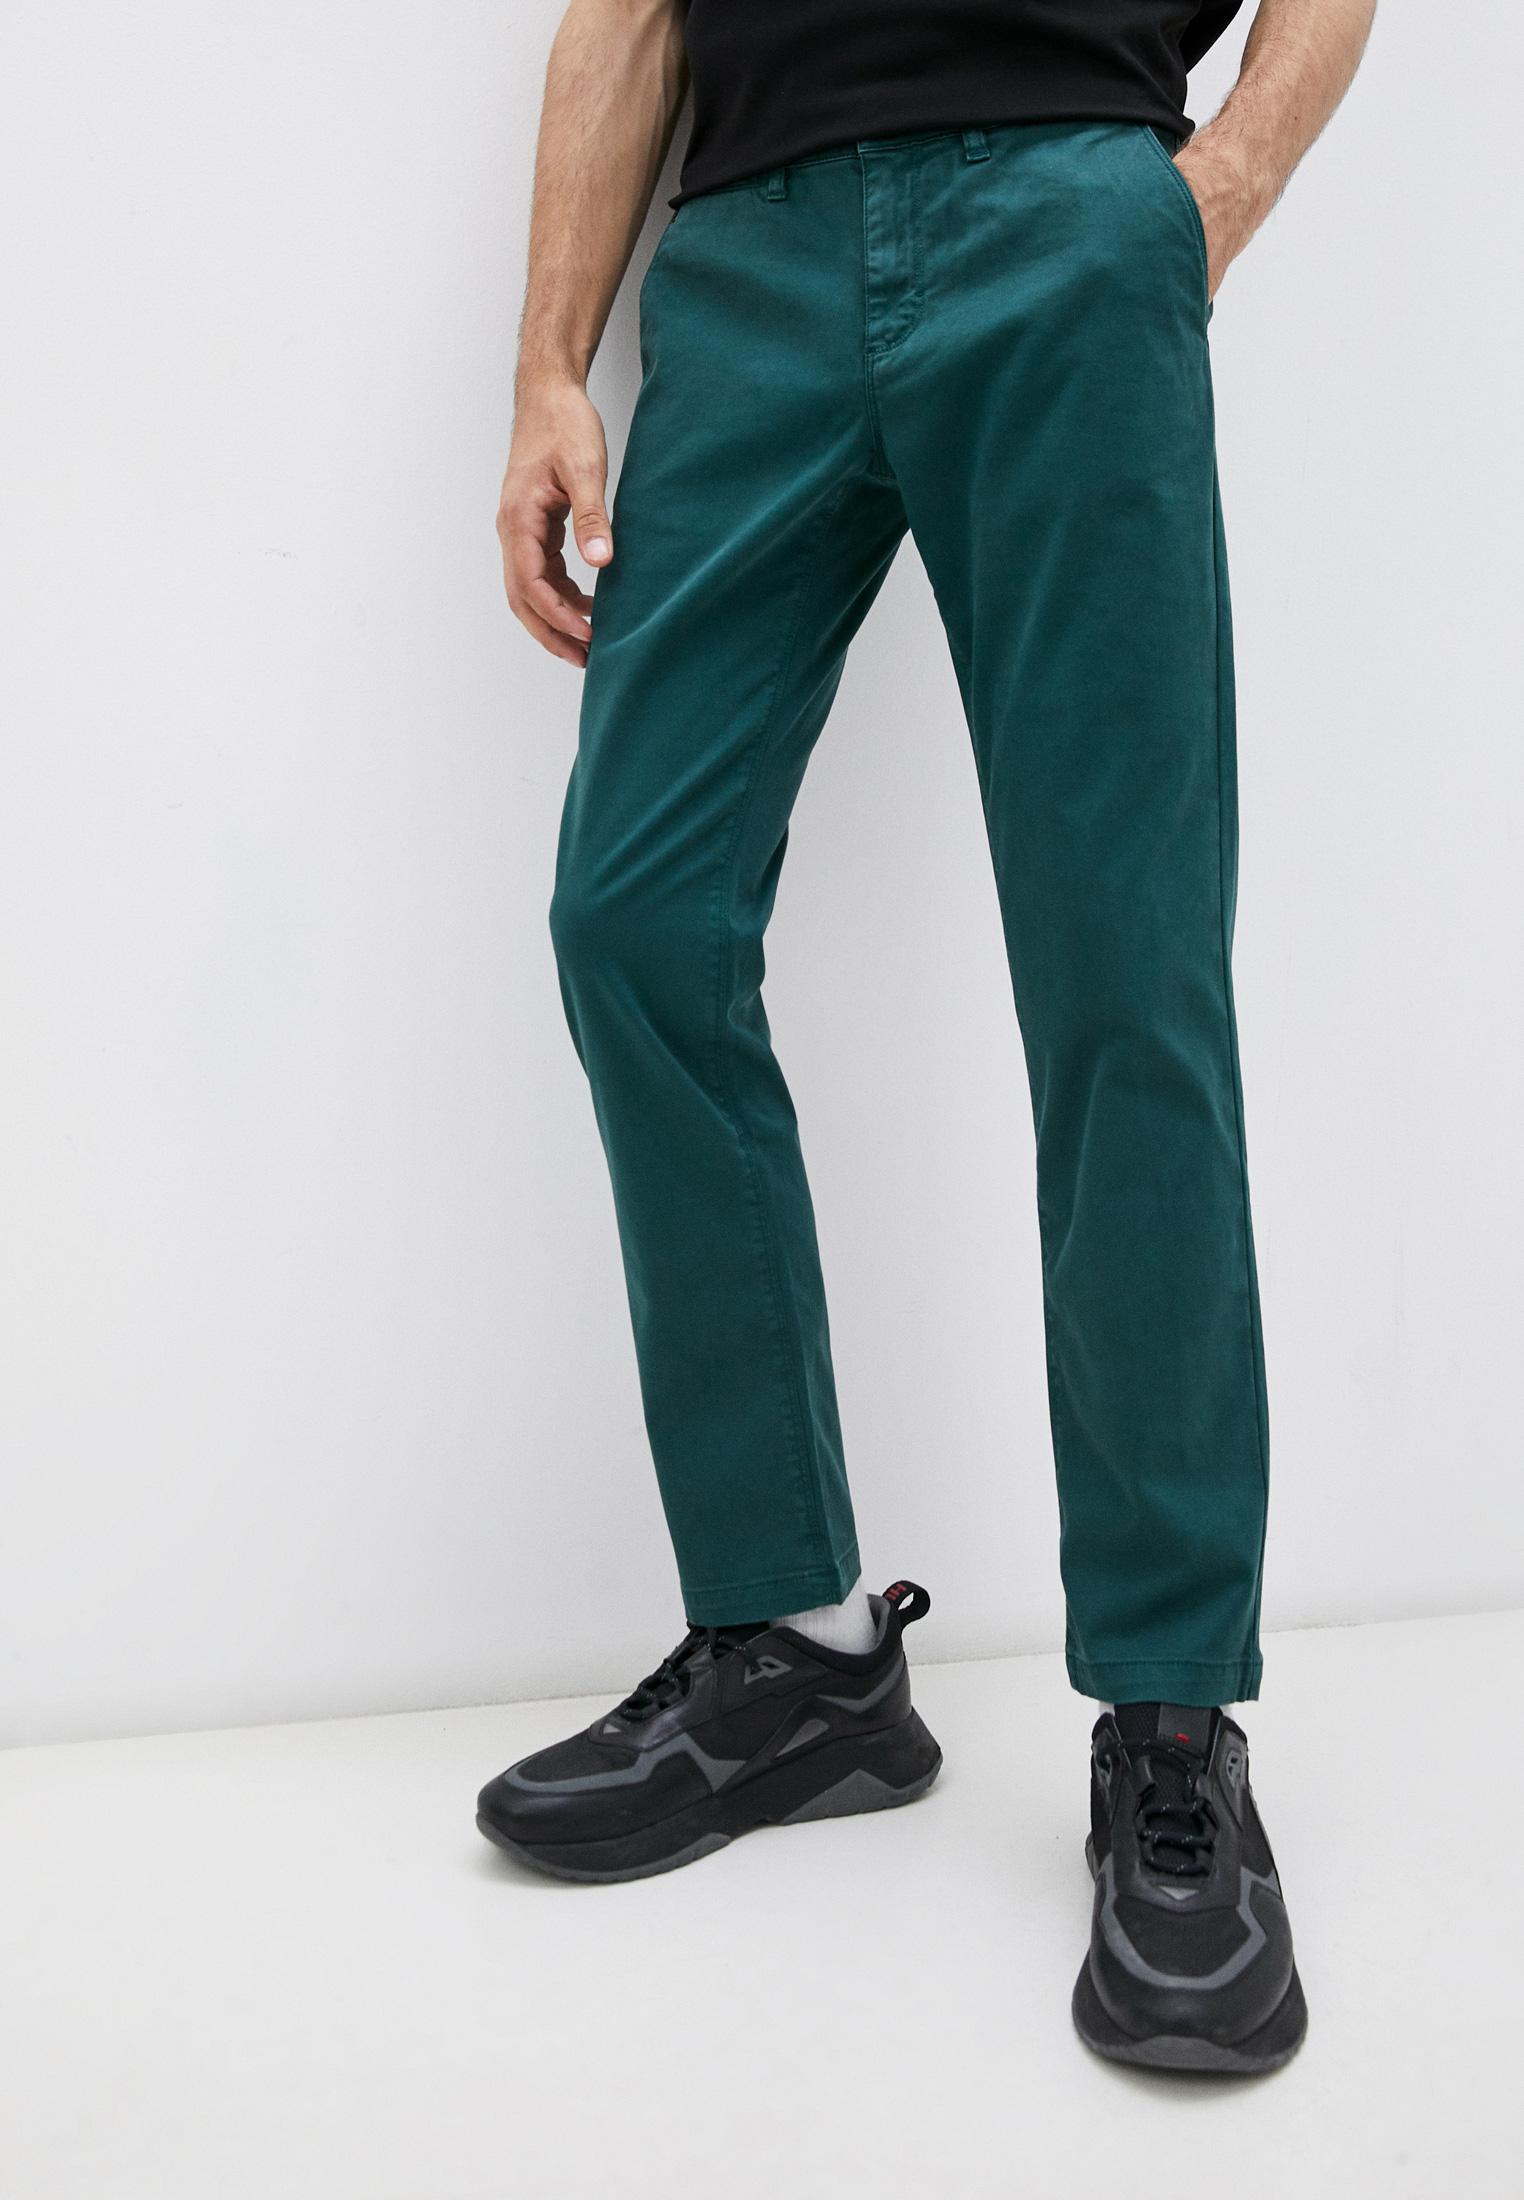 Мужские повседневные брюки Bikkembergs Брюки Bikkembergs